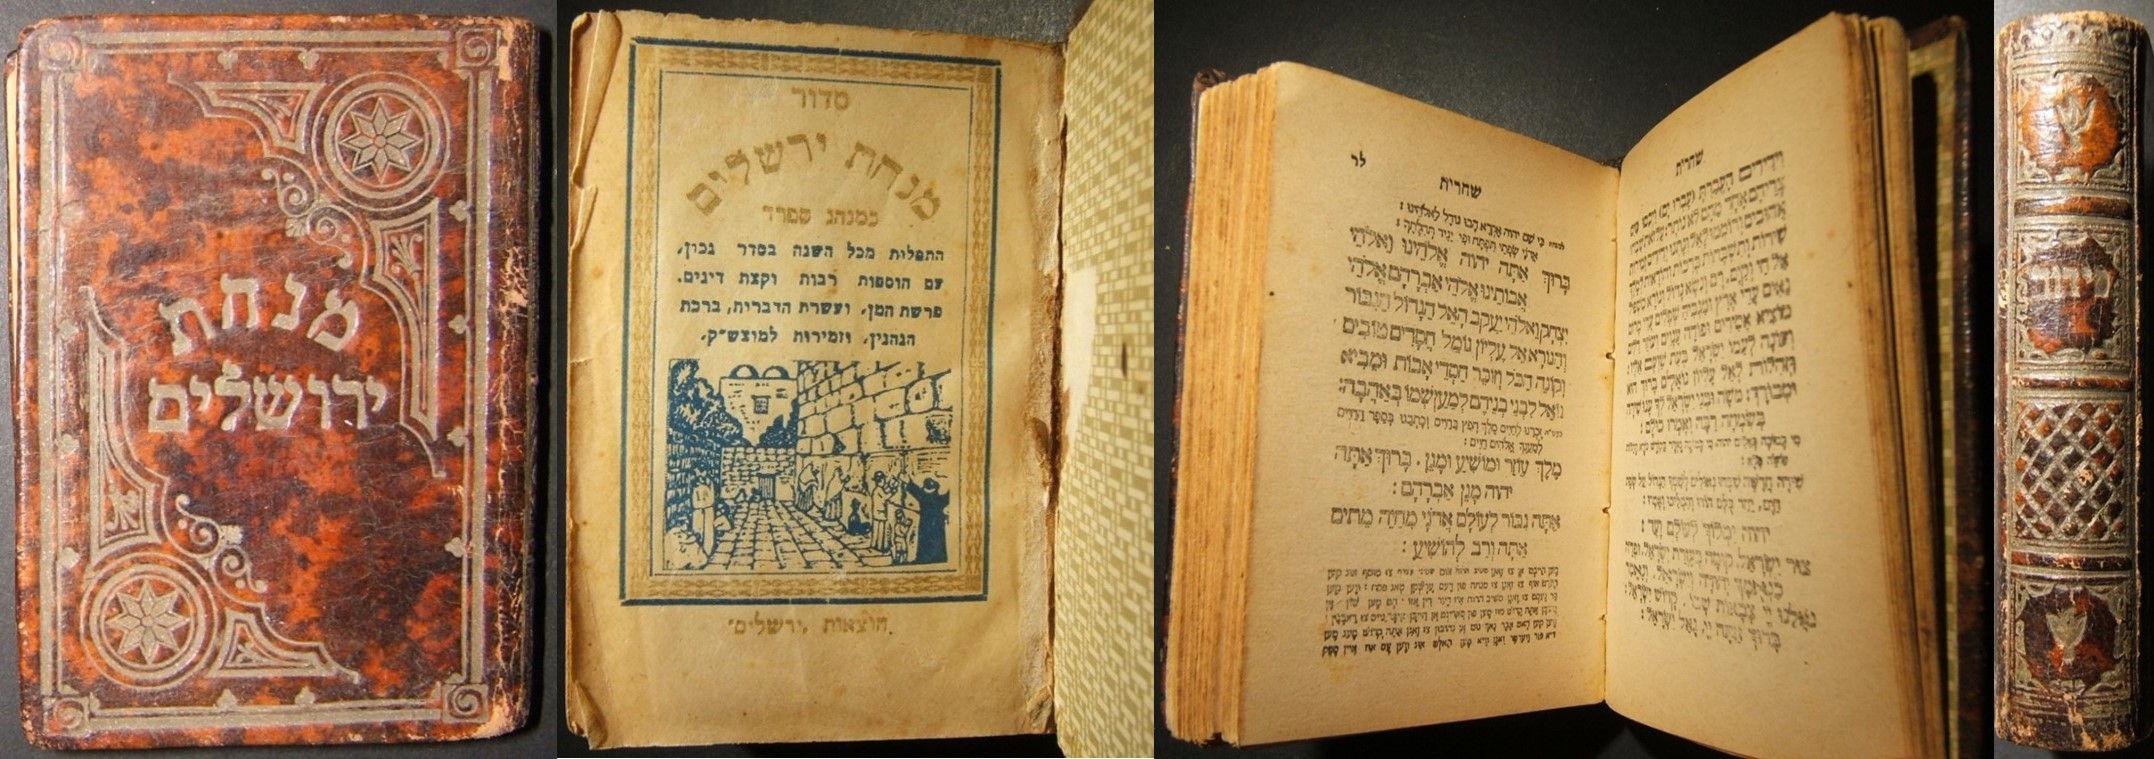 יודאיקה ספרדי פדט סידור מנחת ירושלים, הוצאת ירחאלם